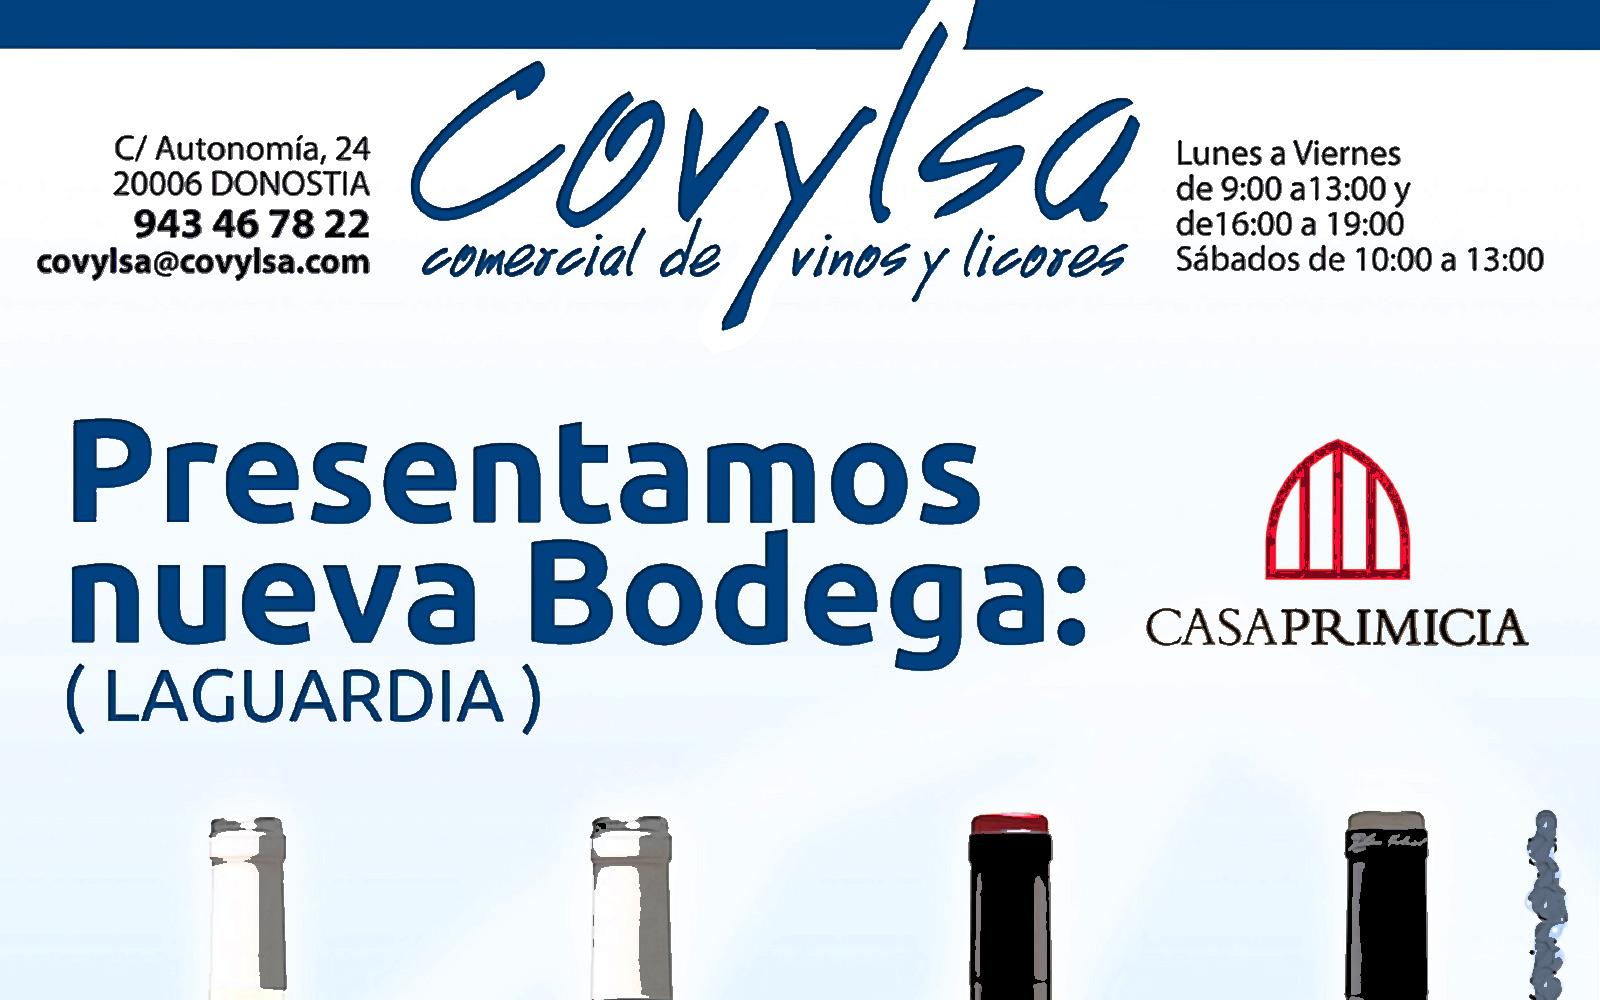 Donostia San Sebastián. COVYLSA